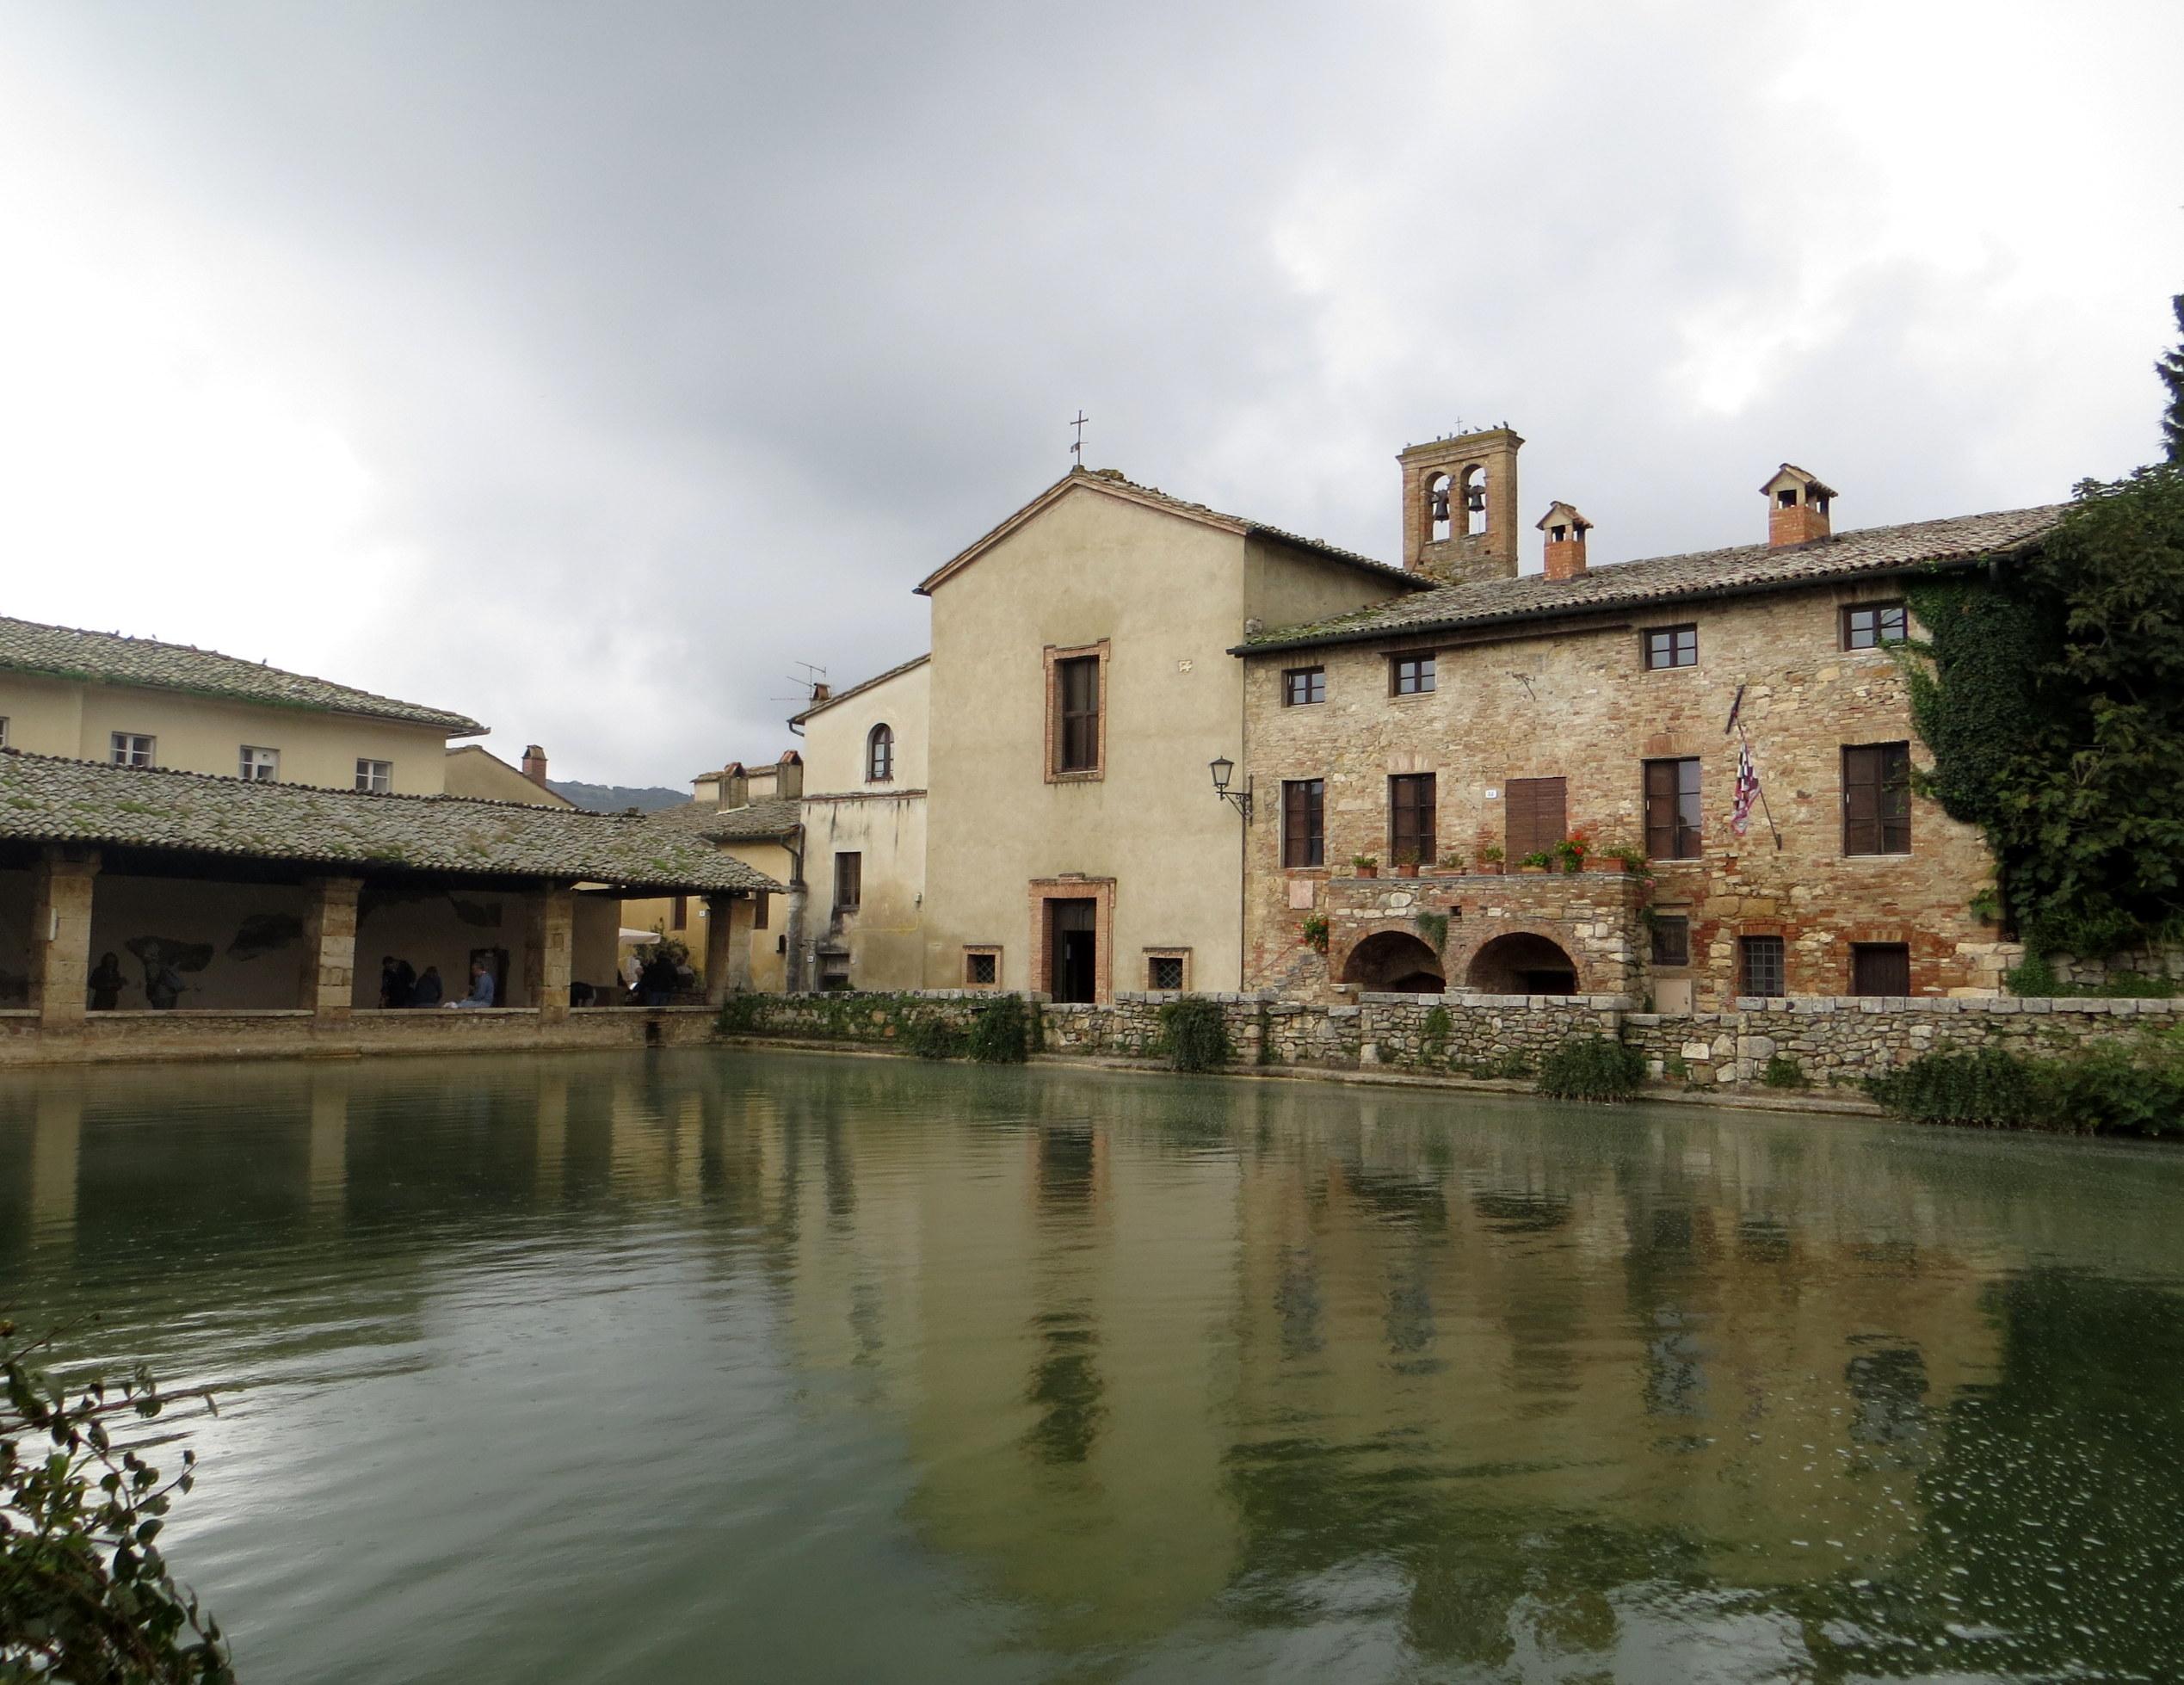 Bagno Vignoni En Zijn Unieke Plein Op Vakantie Naar Toscane